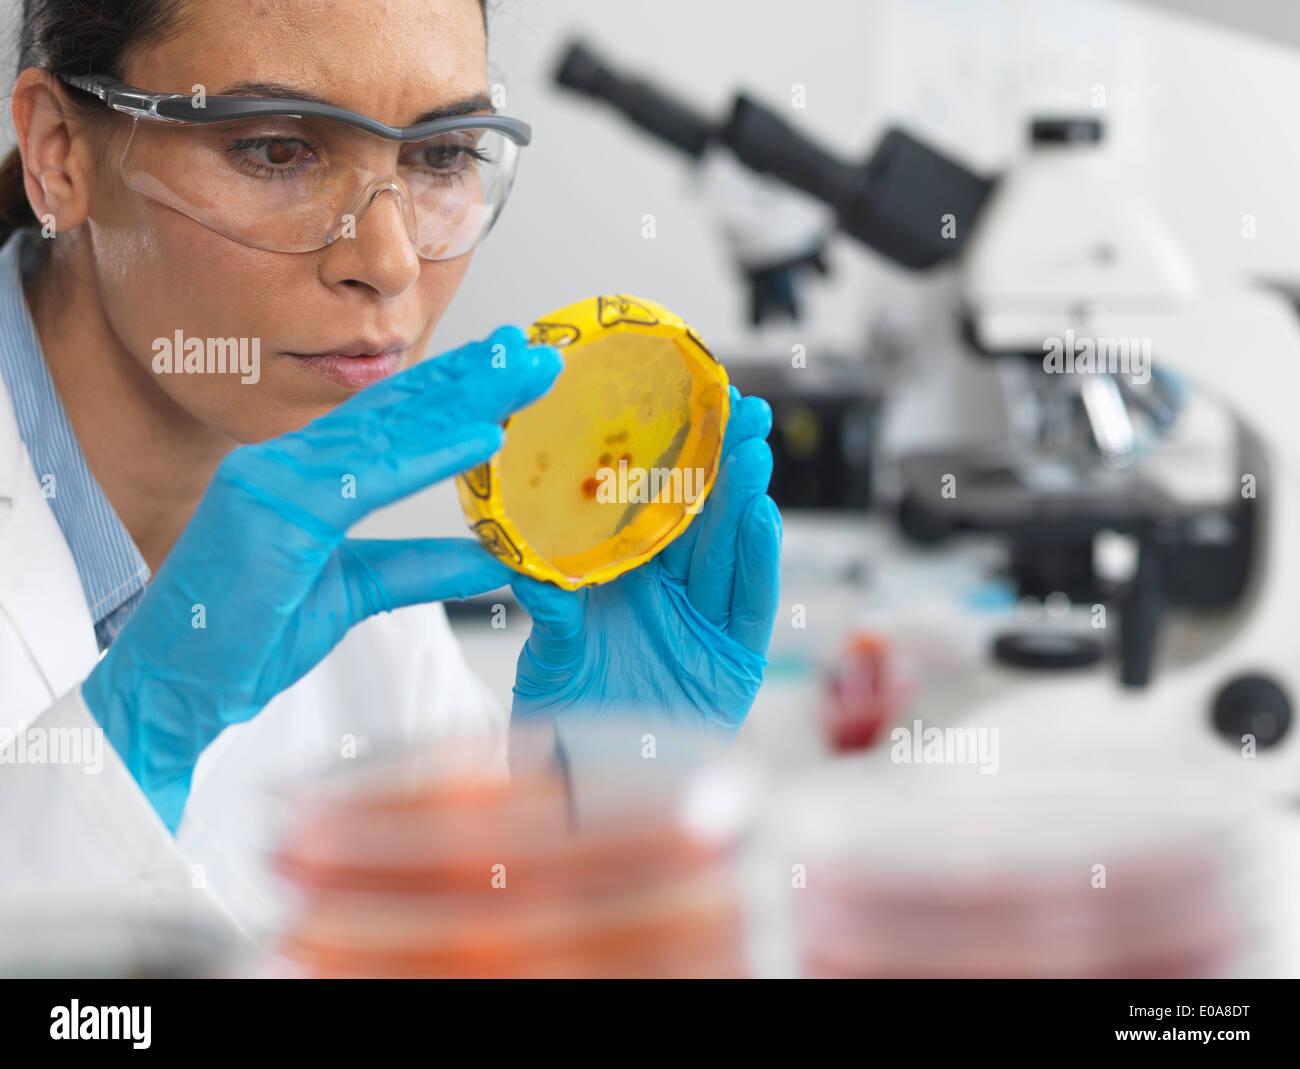 Visualizzazione dello scienziato culture in crescita in piastre di Petri con un nastro per rifiuti a rischio biologico in un laboratorio di microbiologia Immagini Stock